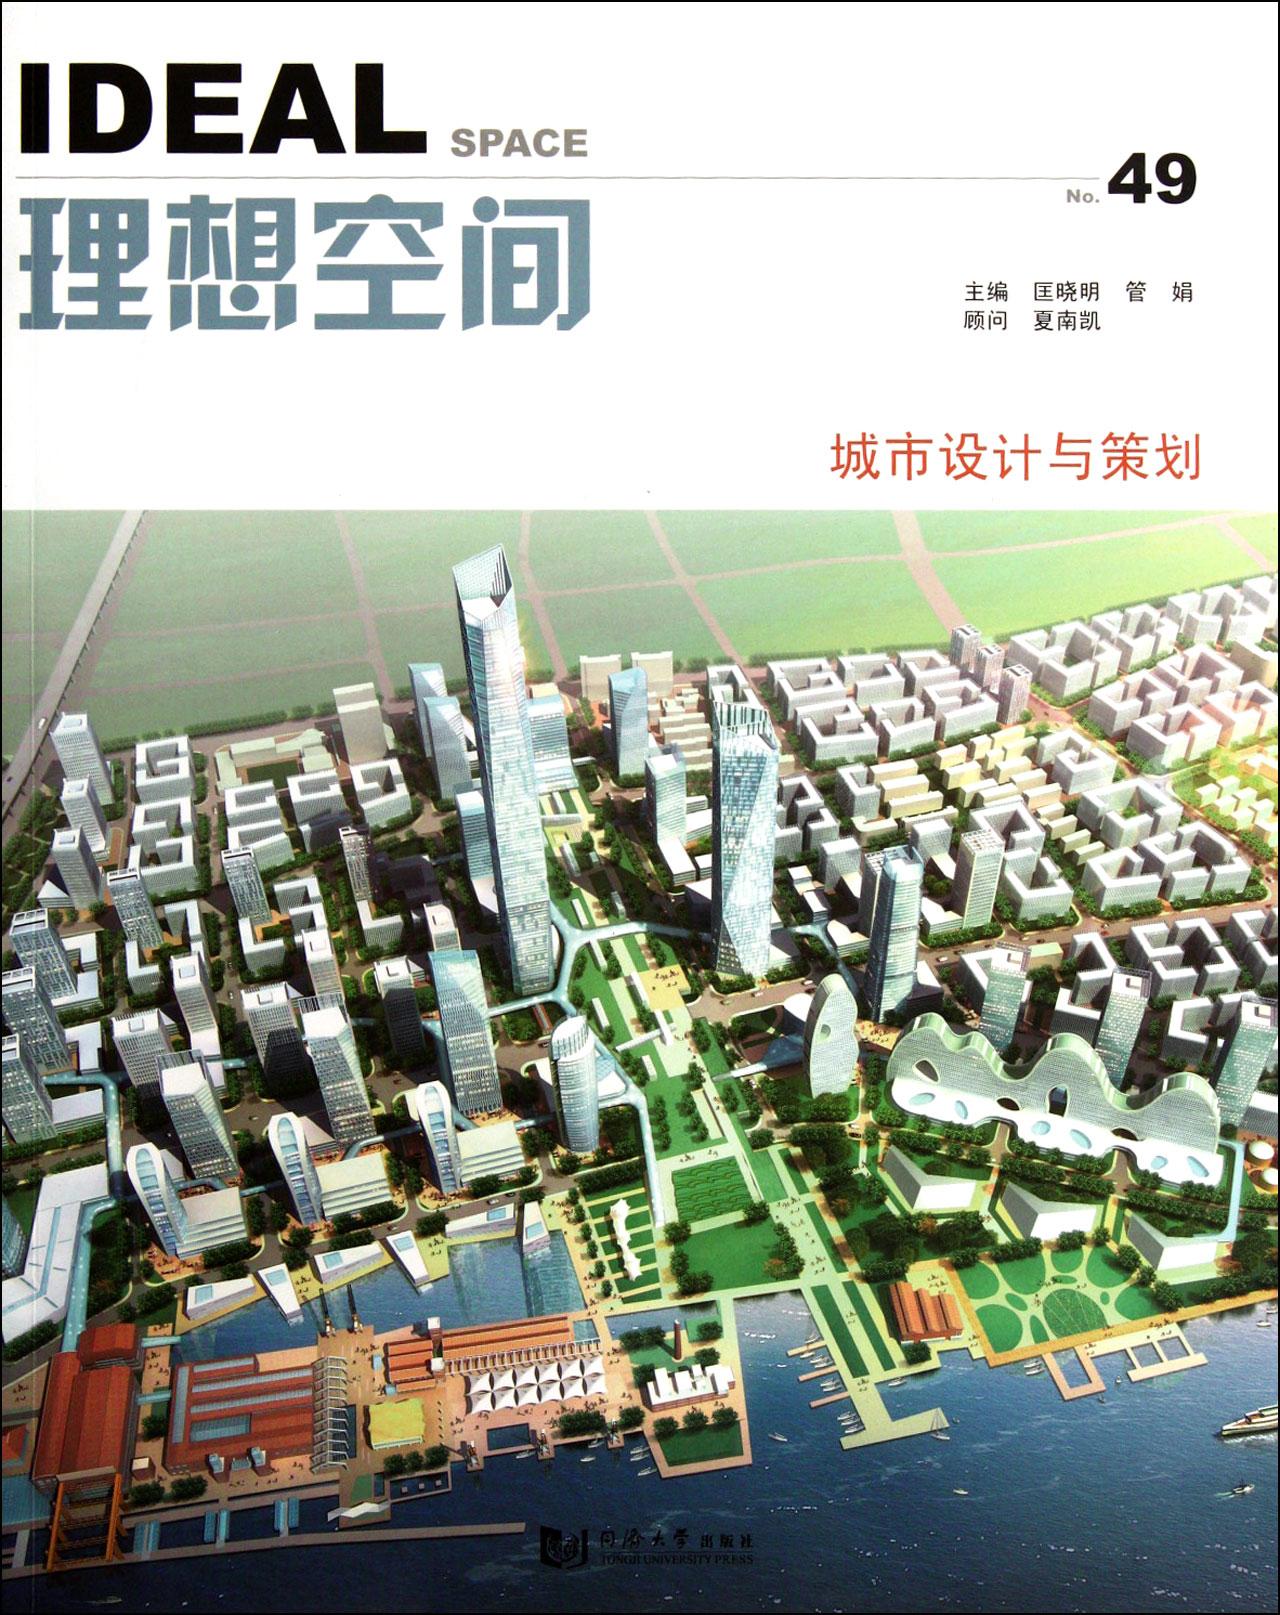 理想空间(no.49城市设计与策划)